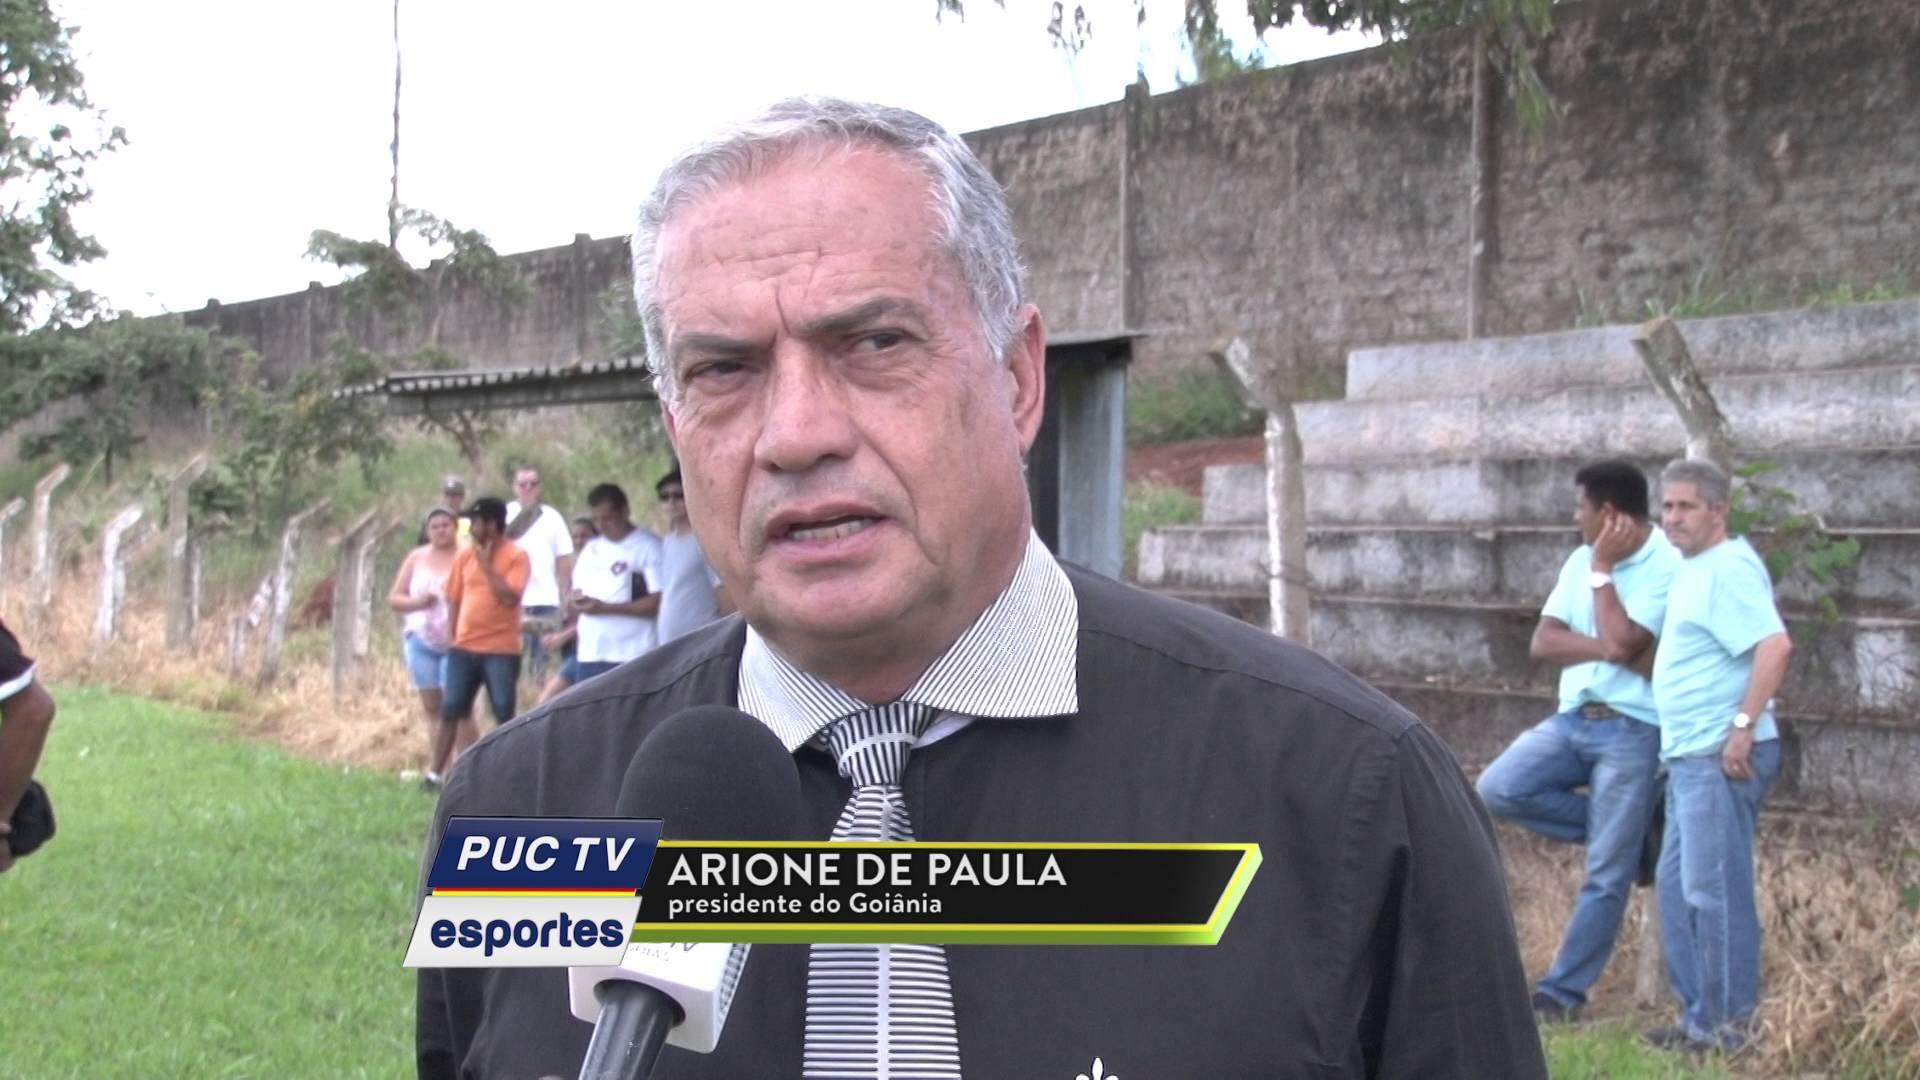 Presidente doGoiânia Arione José di Paula   Foto: Reprodução/PUC TV